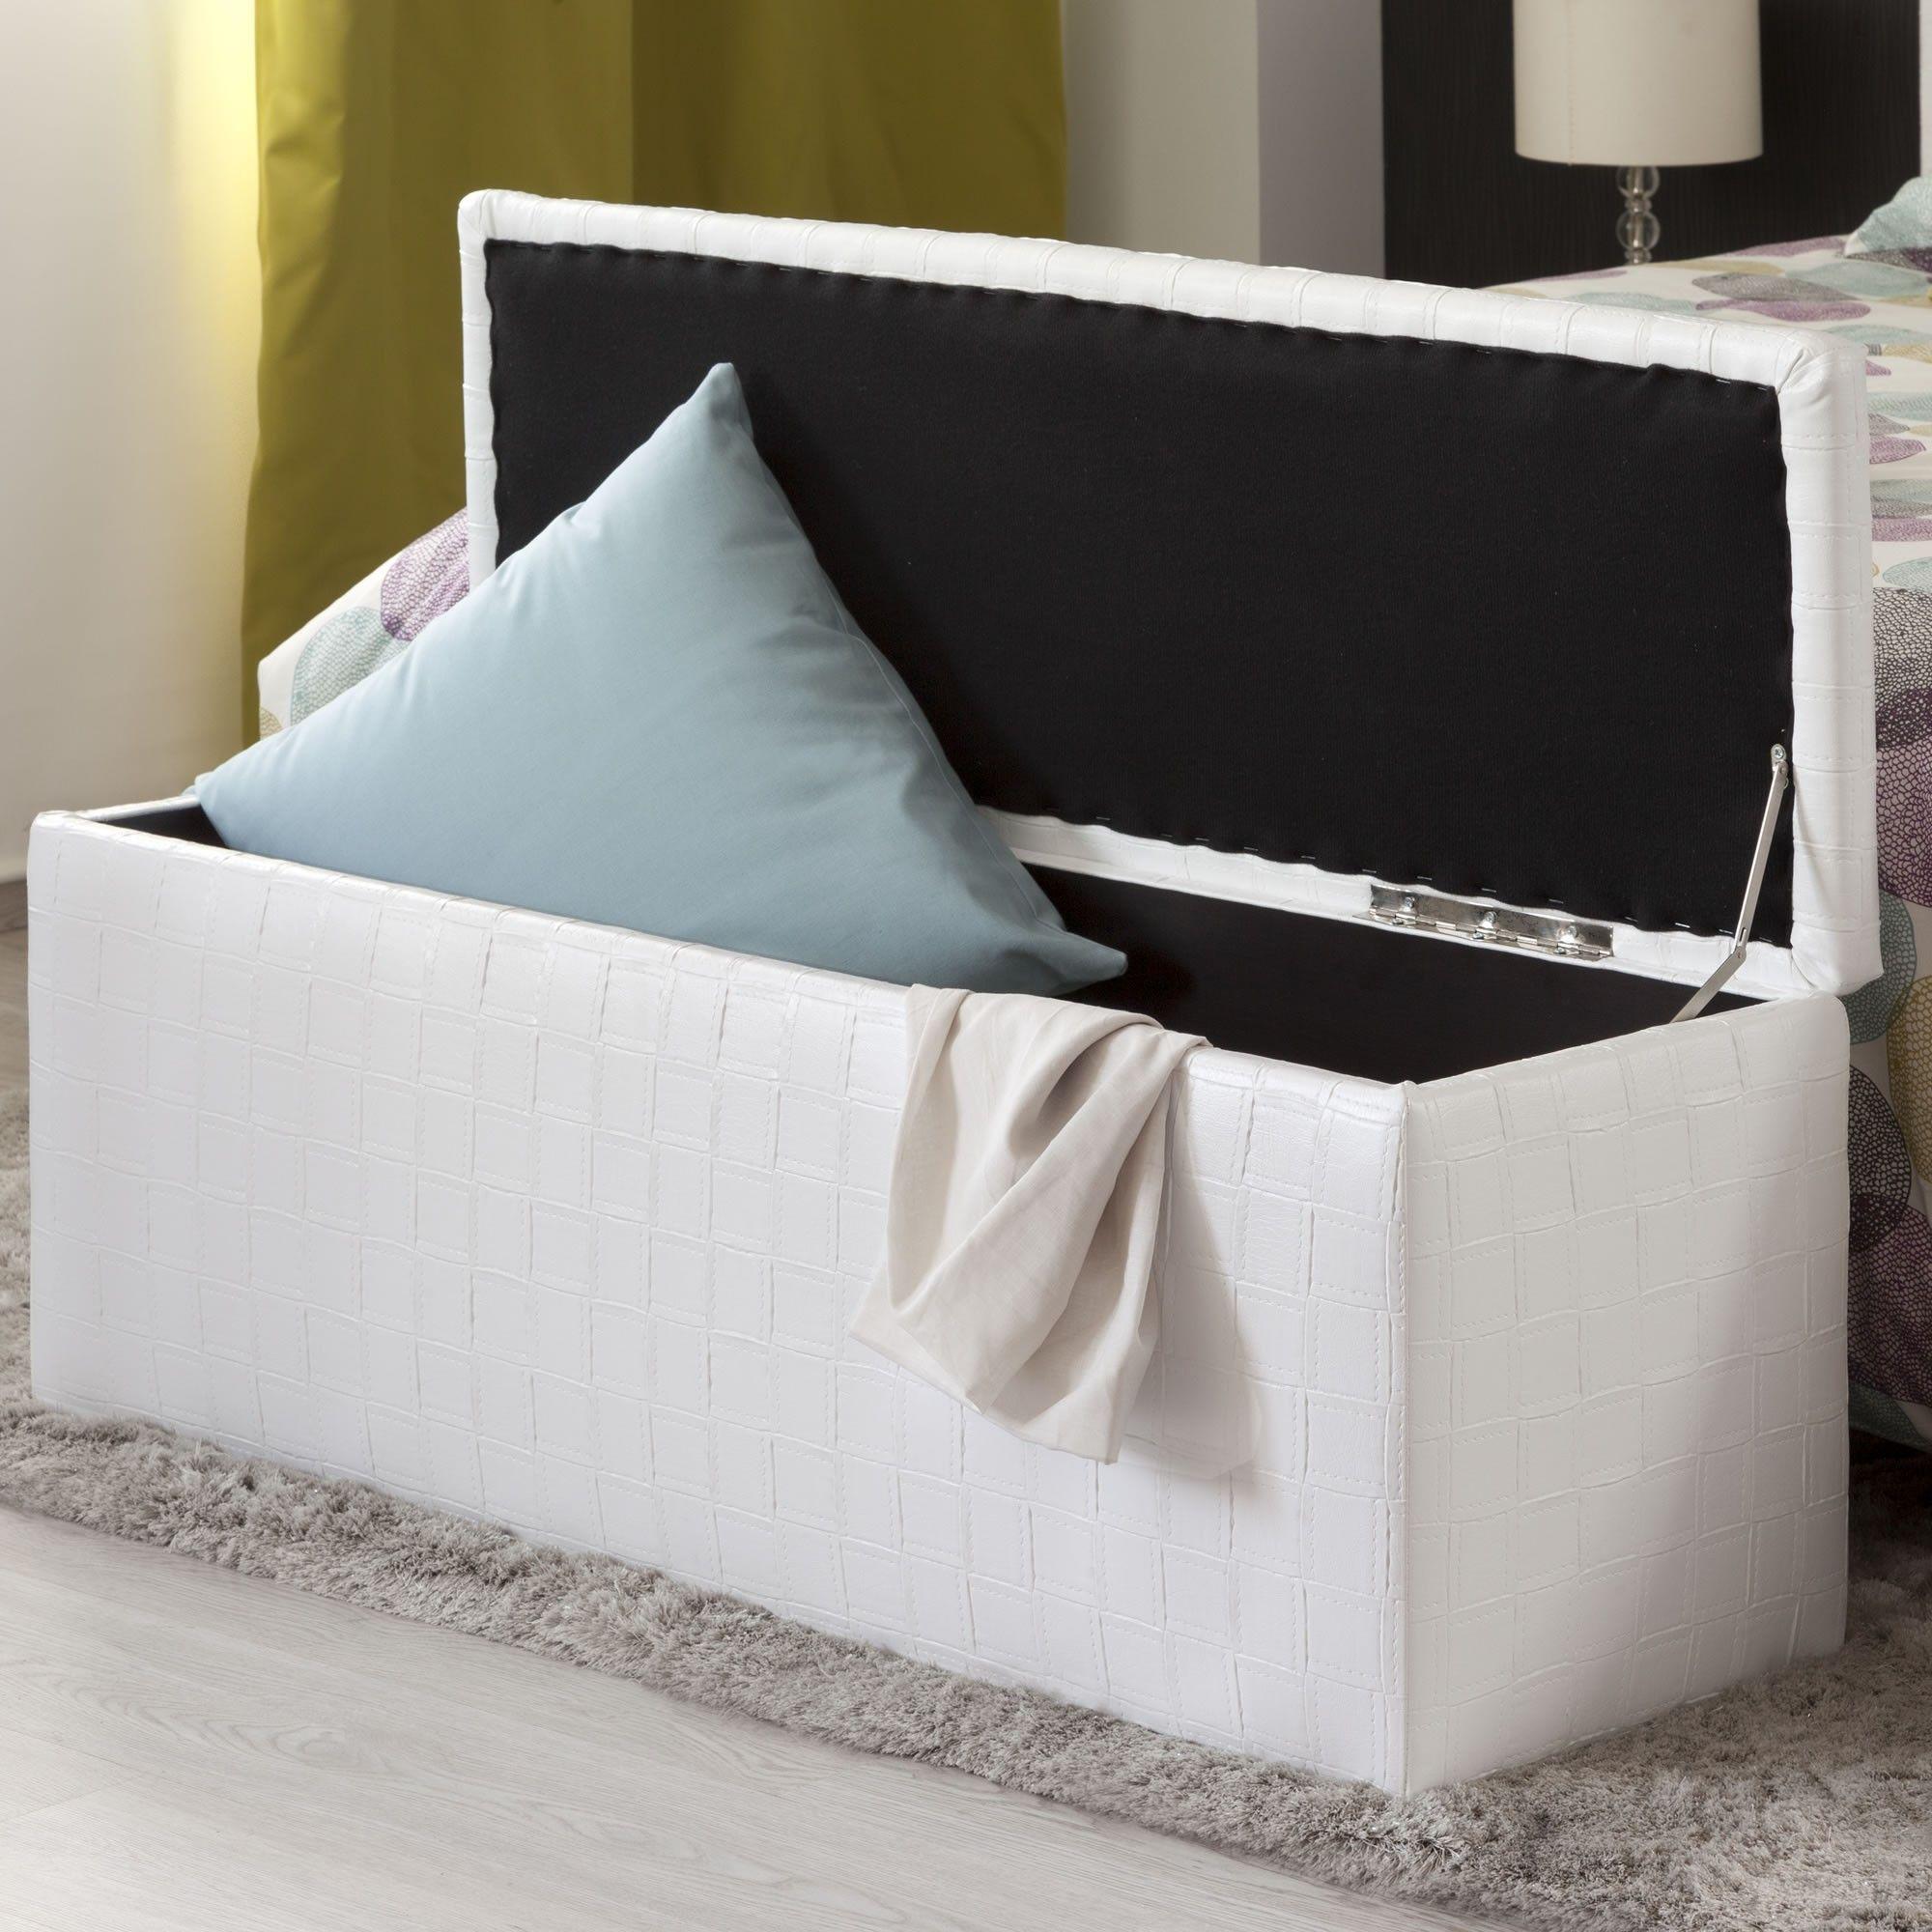 Pie De Cama Abatible Tapizado En Polipiel Blanco Medidas  # Muebles Pie De Cama